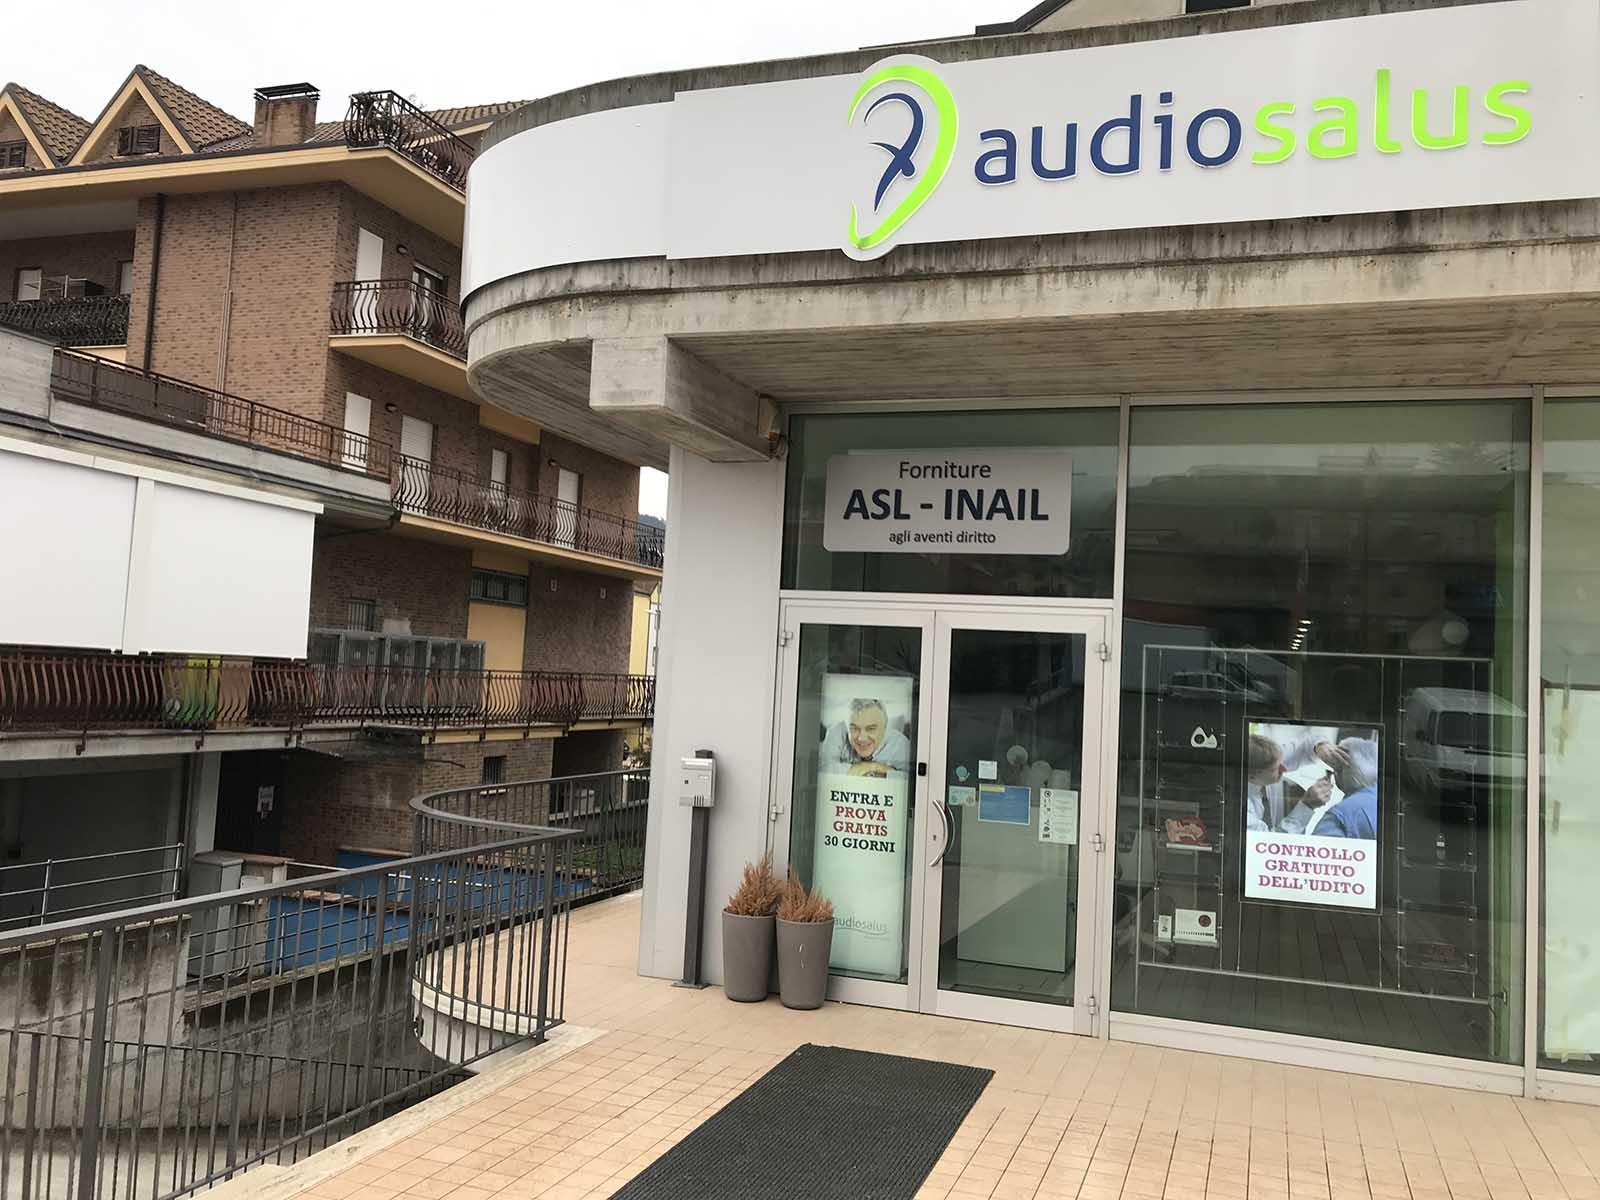 Ingresso Centro Acustico Audiosalus L'Aquila